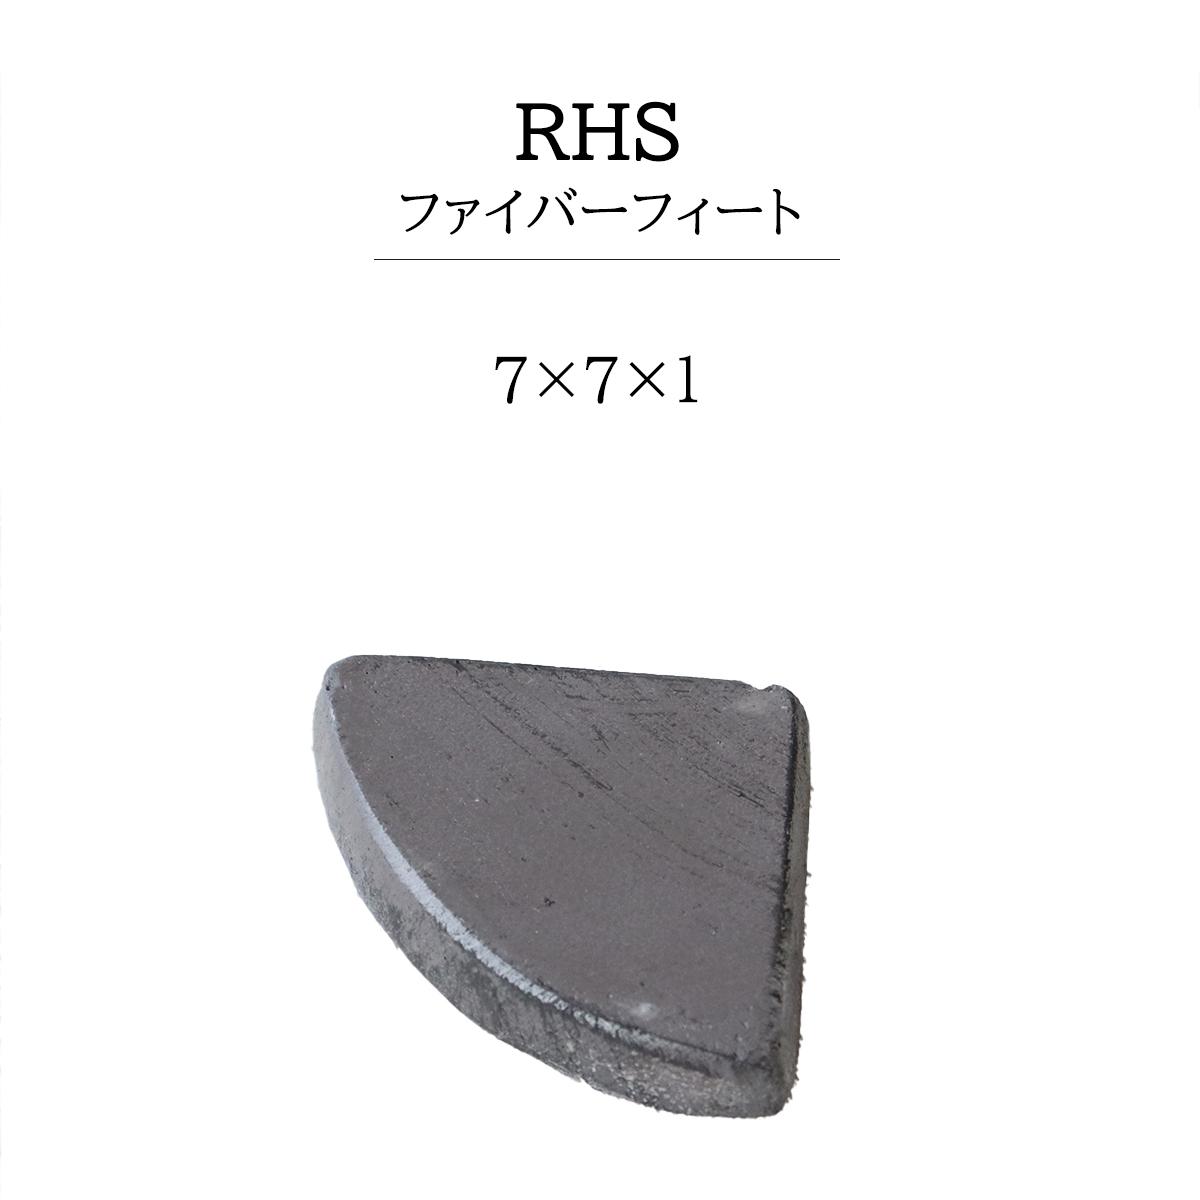 RHS ファイバーフィート表紙